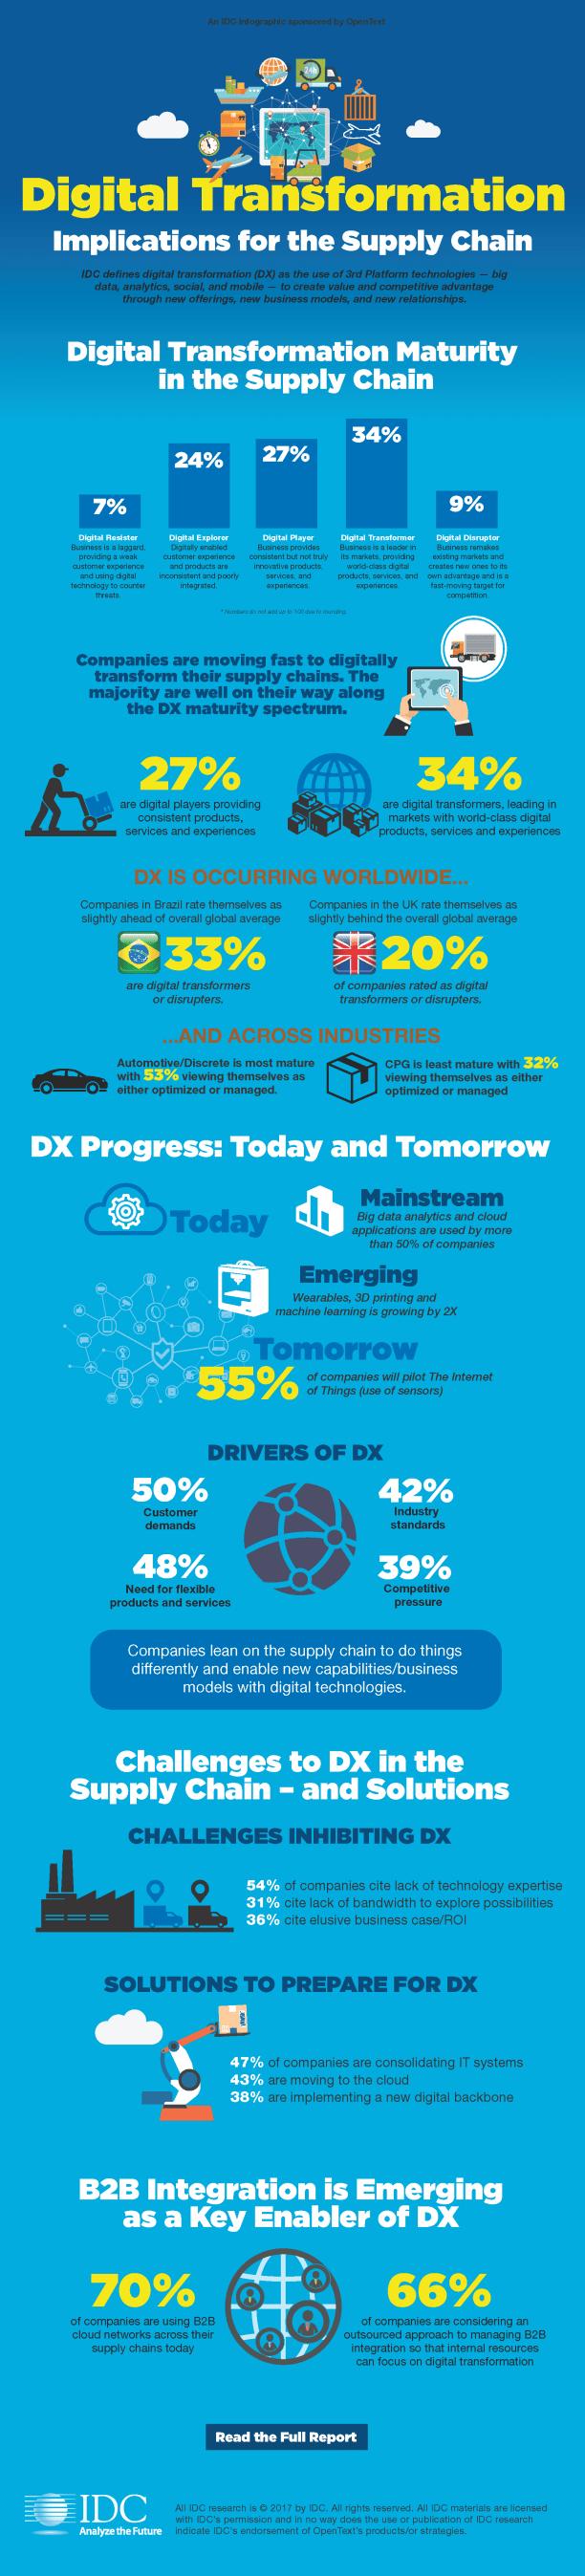 IDC Digital Transformation